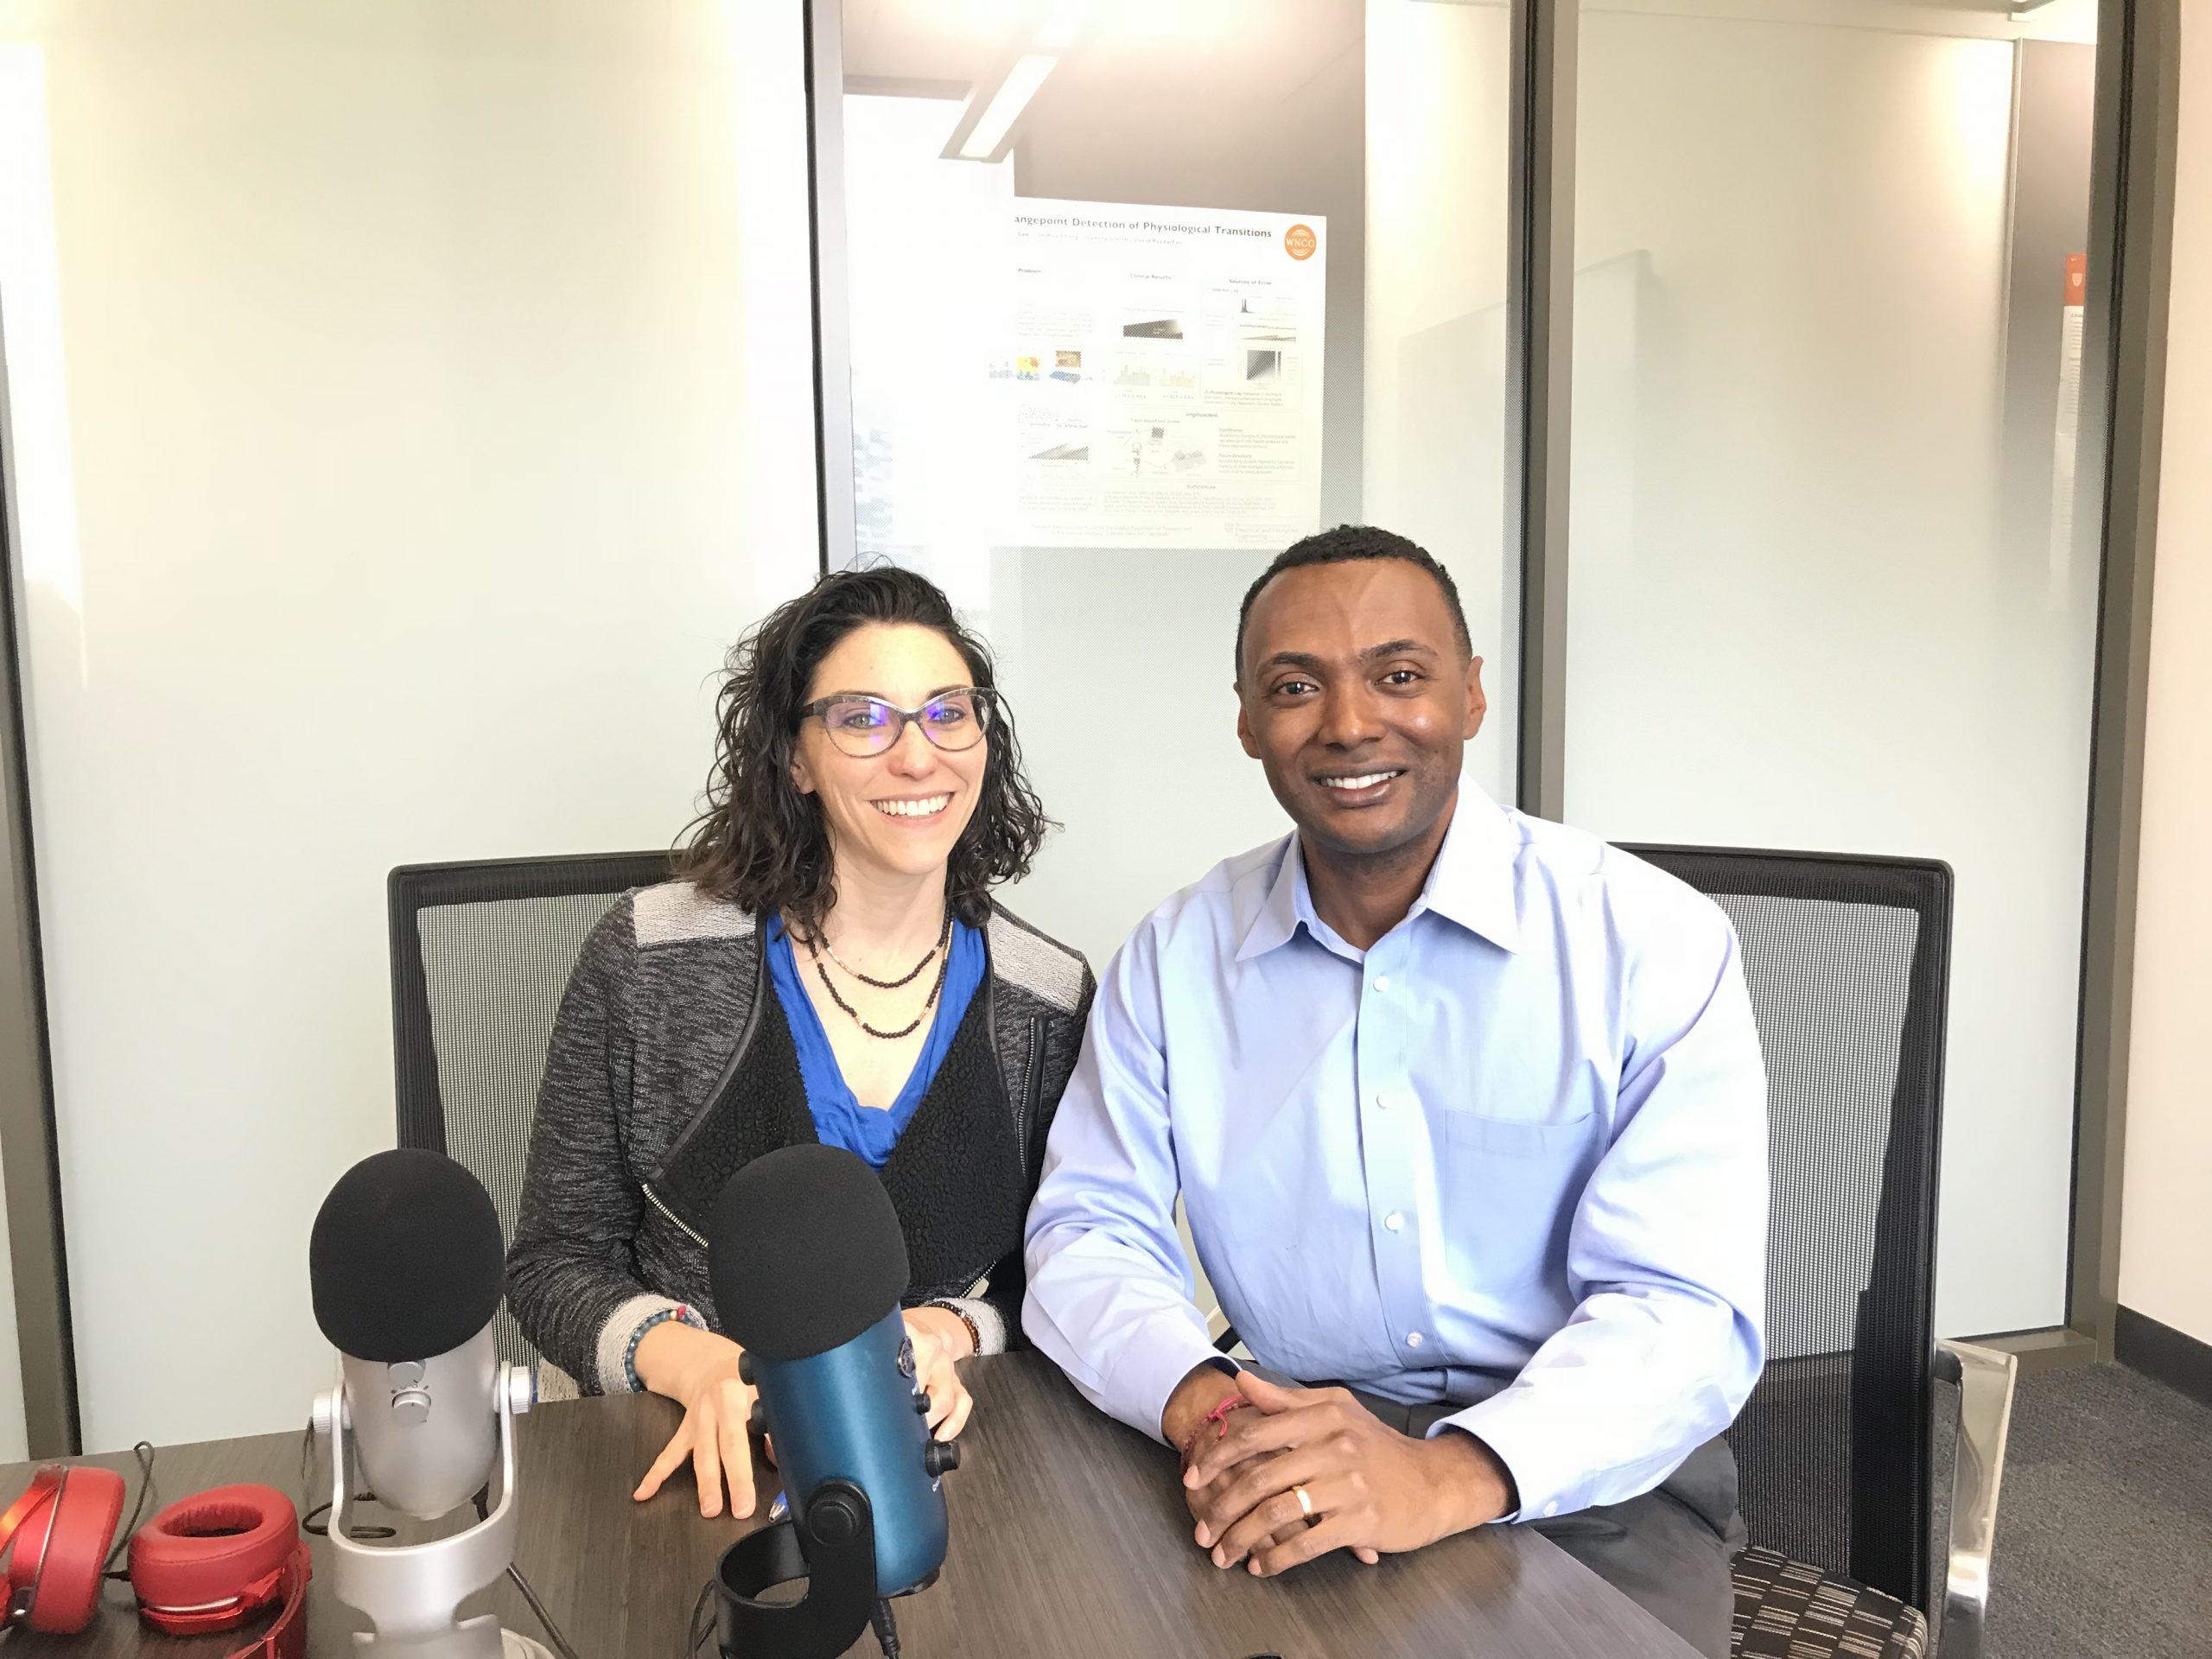 Pursuing wellness together. Dr. Brown & Dr. Ashley Maltz